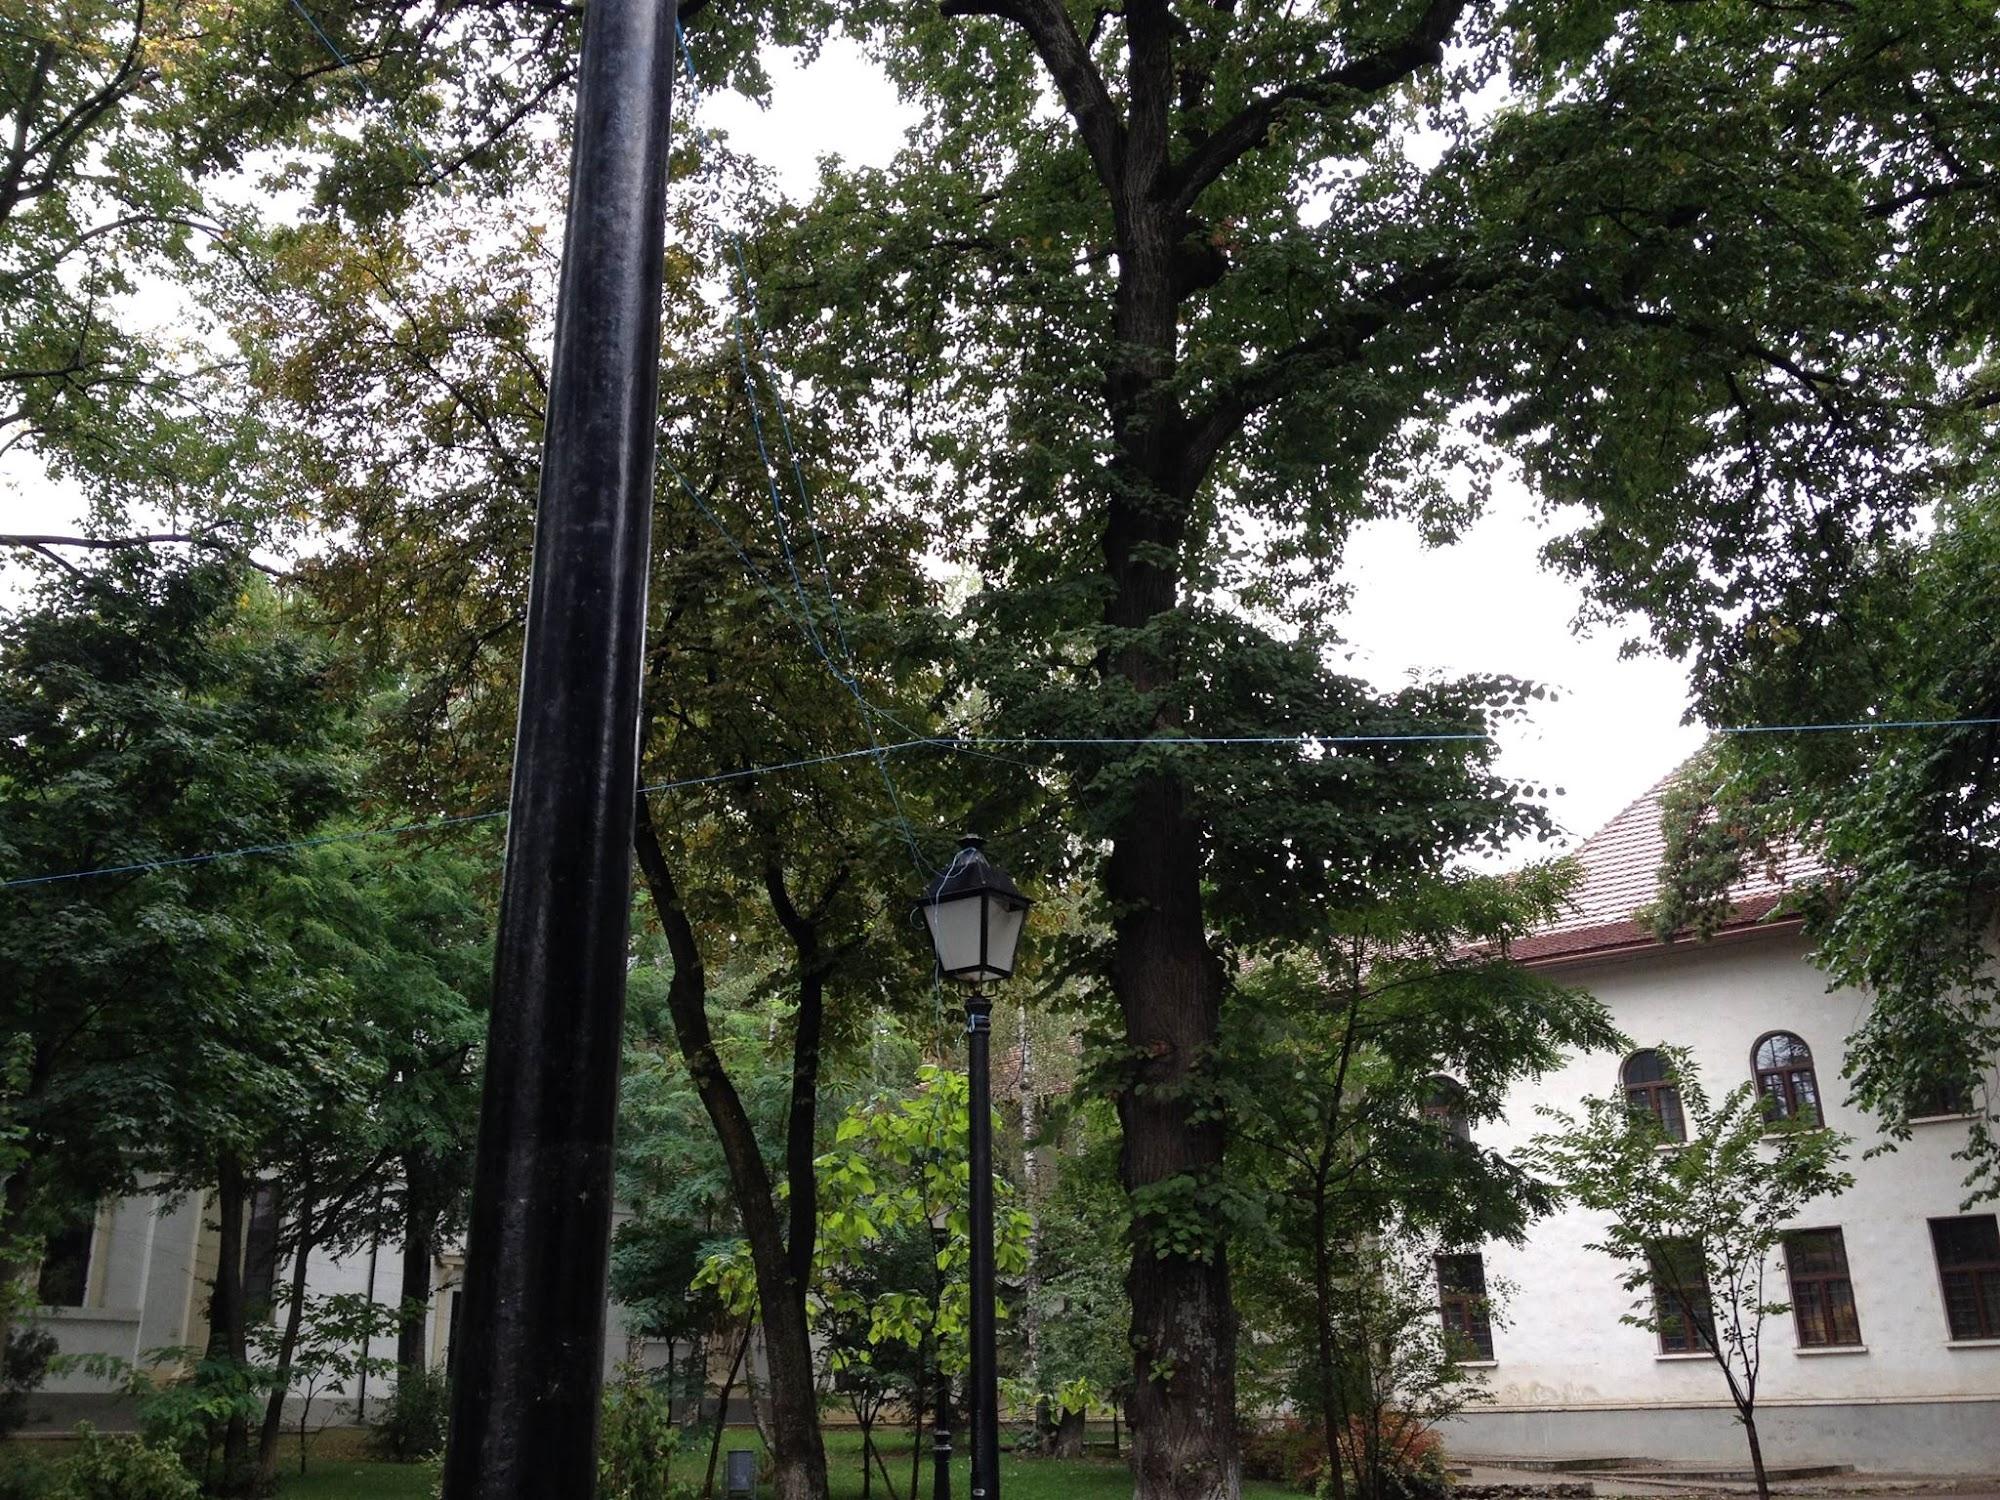 Ţărănoii de la Rotary şi-au lăsat funiile în Parcul Central